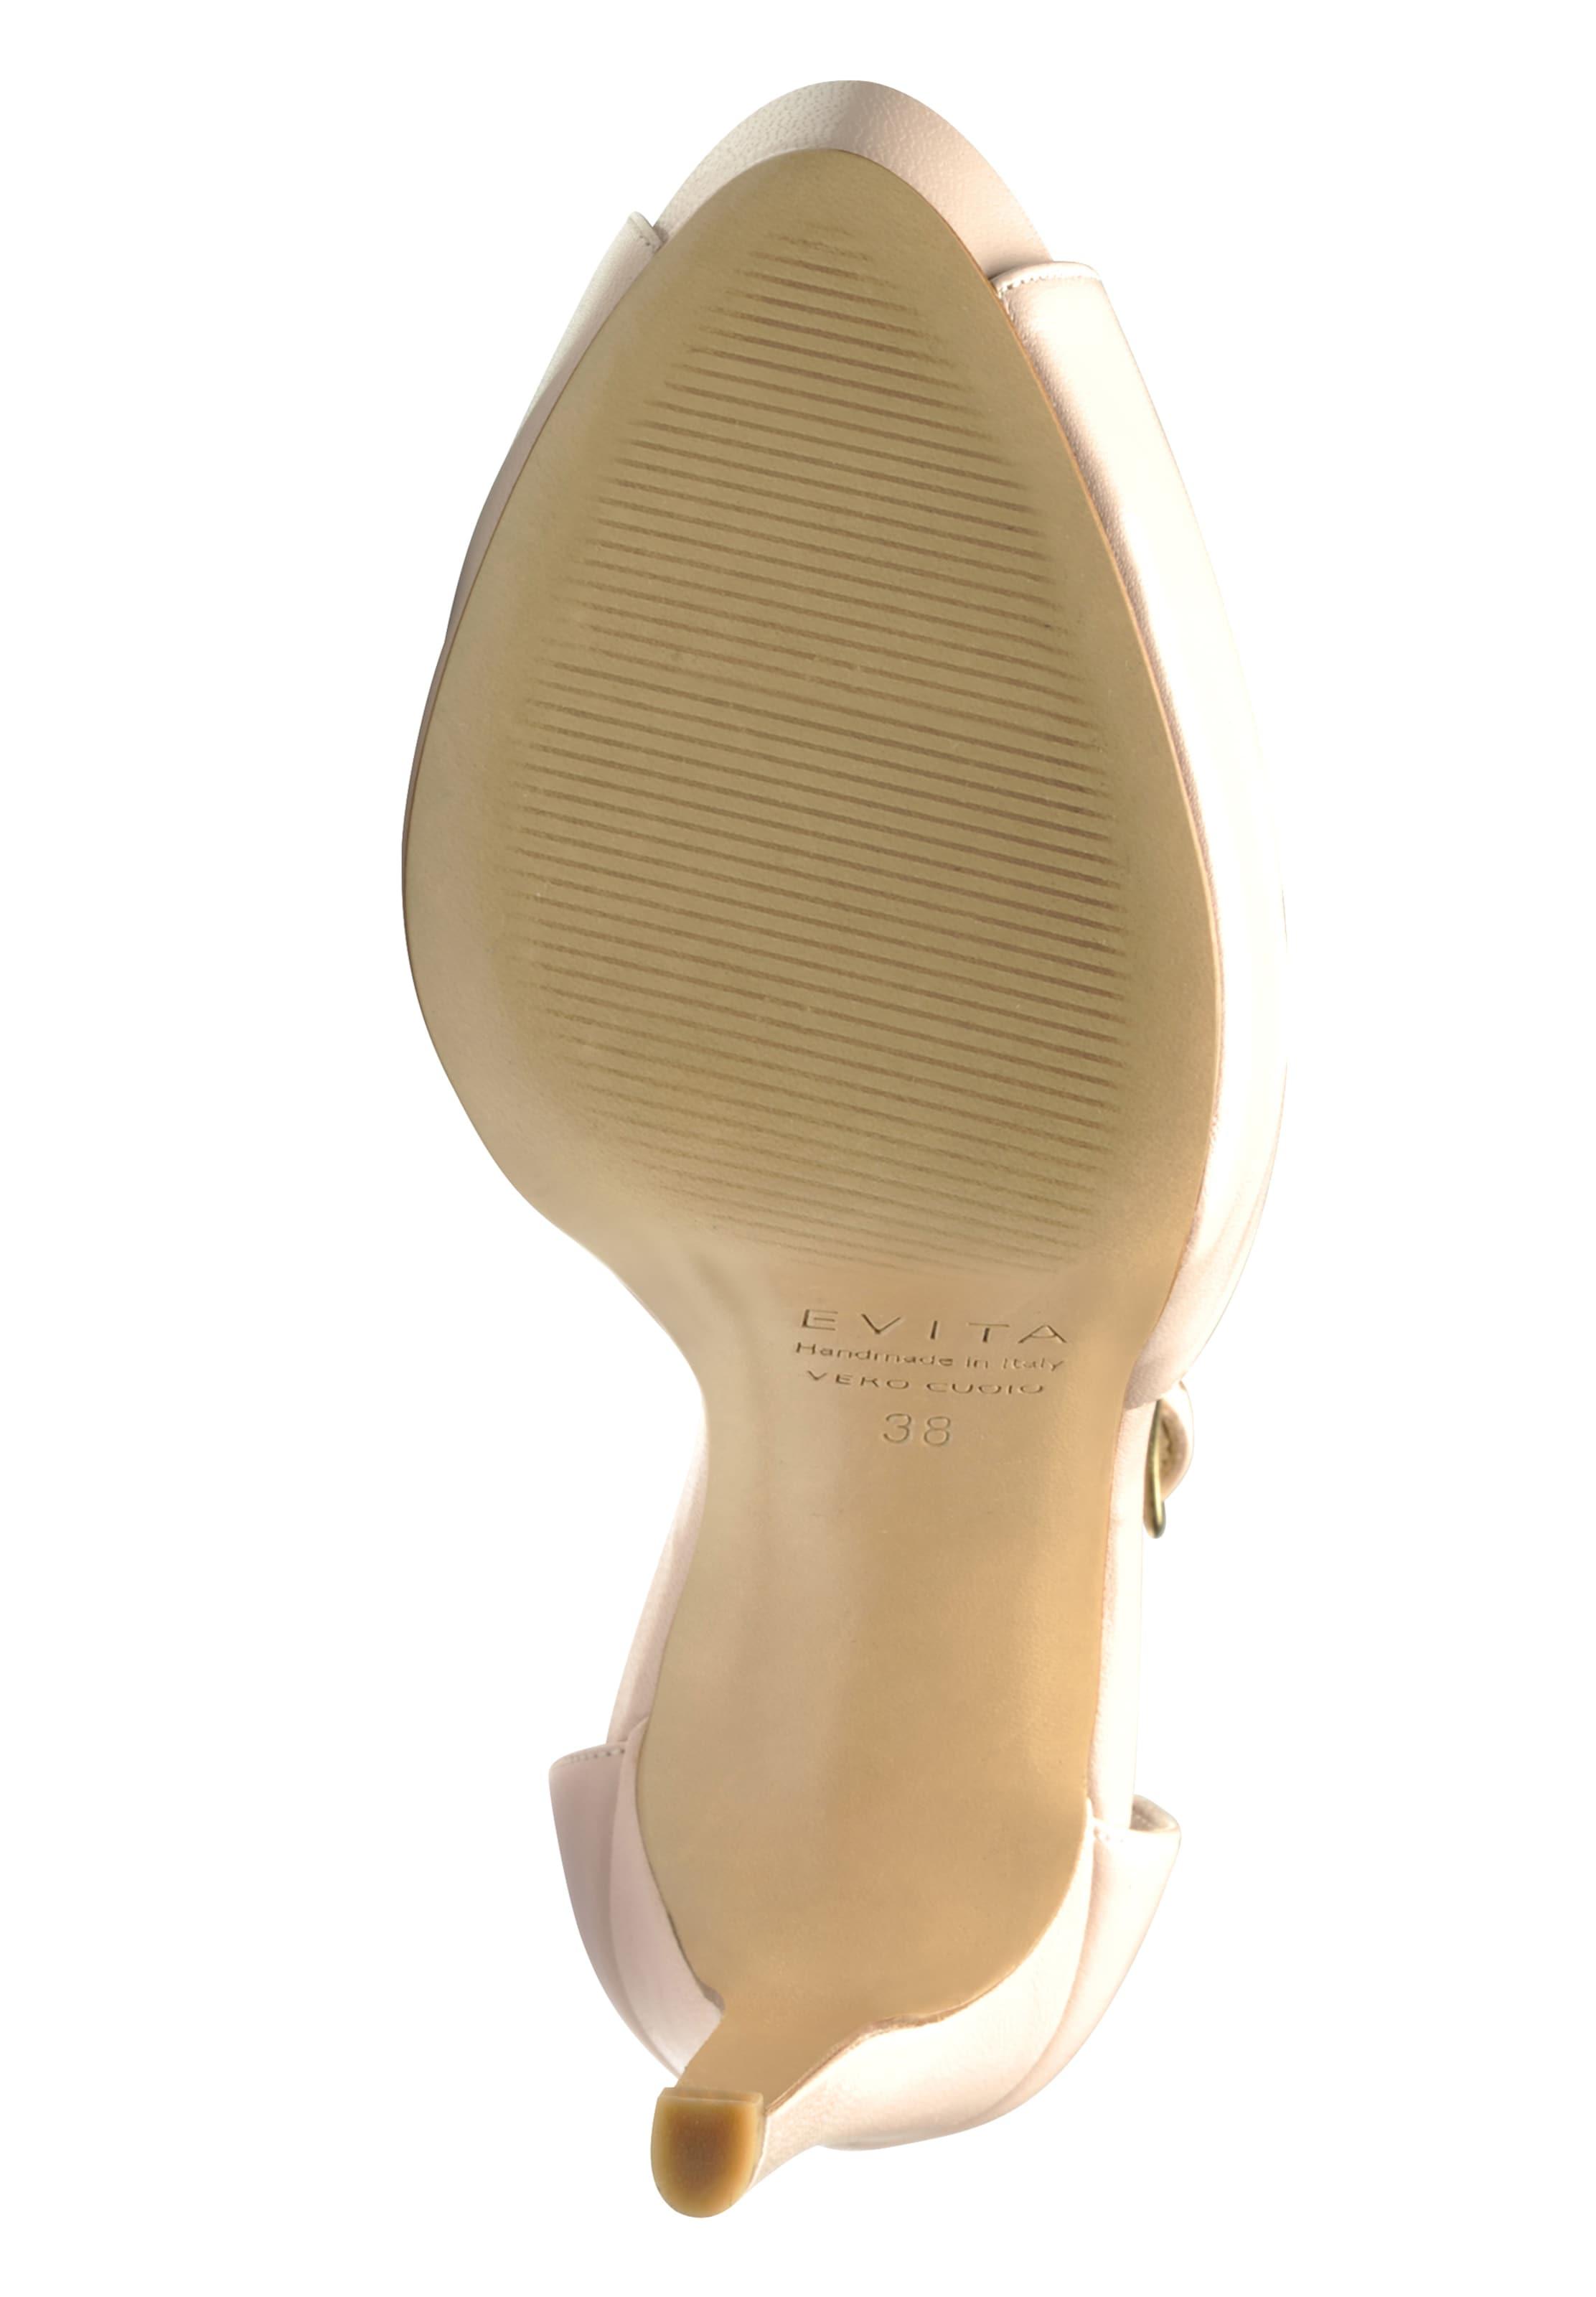 Rabattpreise EVITA Sandalette Billig Verkauf Rabatte Kaufen Wirklich Billig ULRoQ